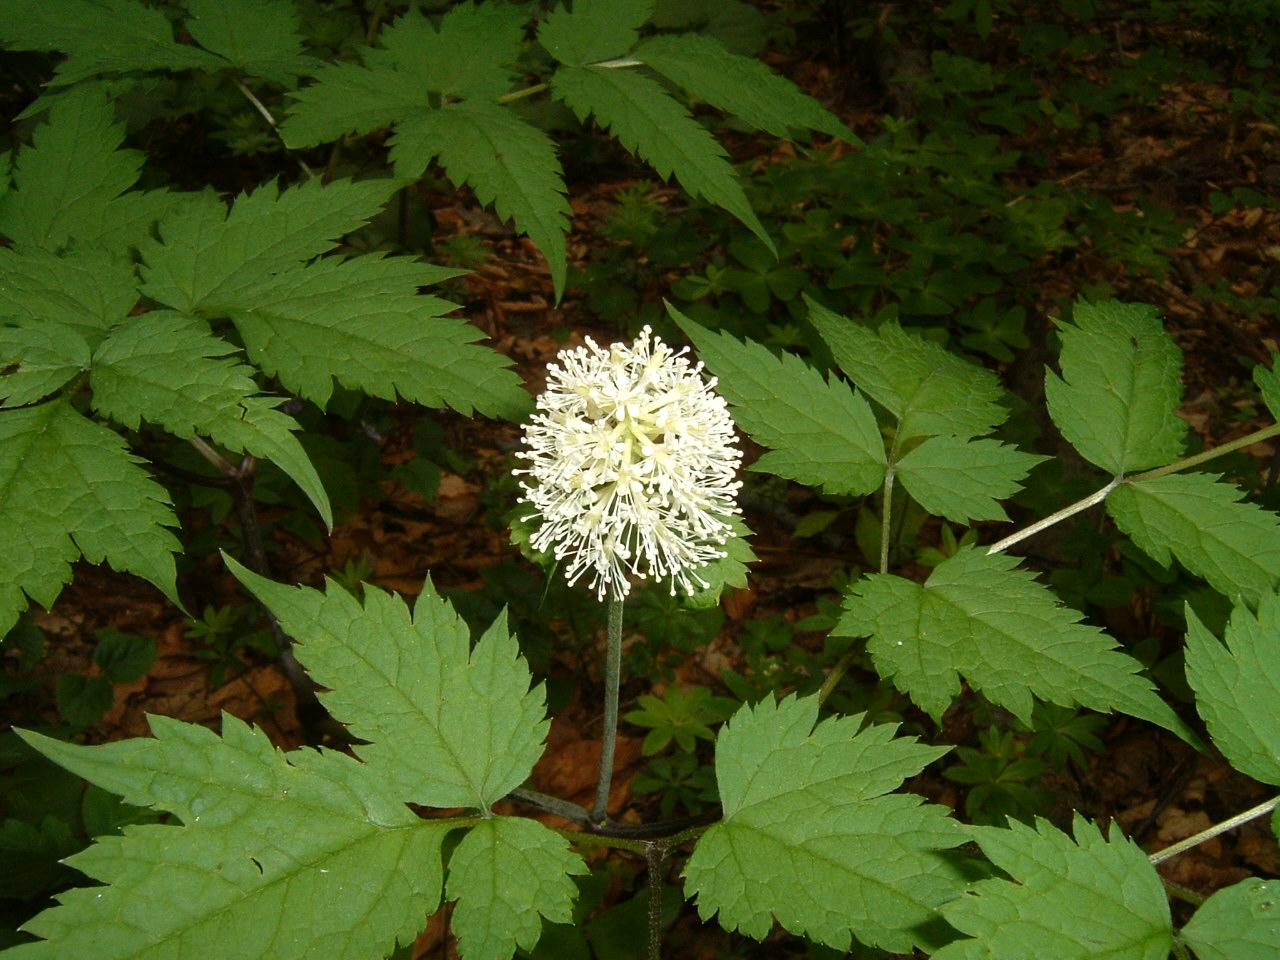 鳥取県大山寺周辺の植物   by (岡田)_c0239329_1464381.jpg